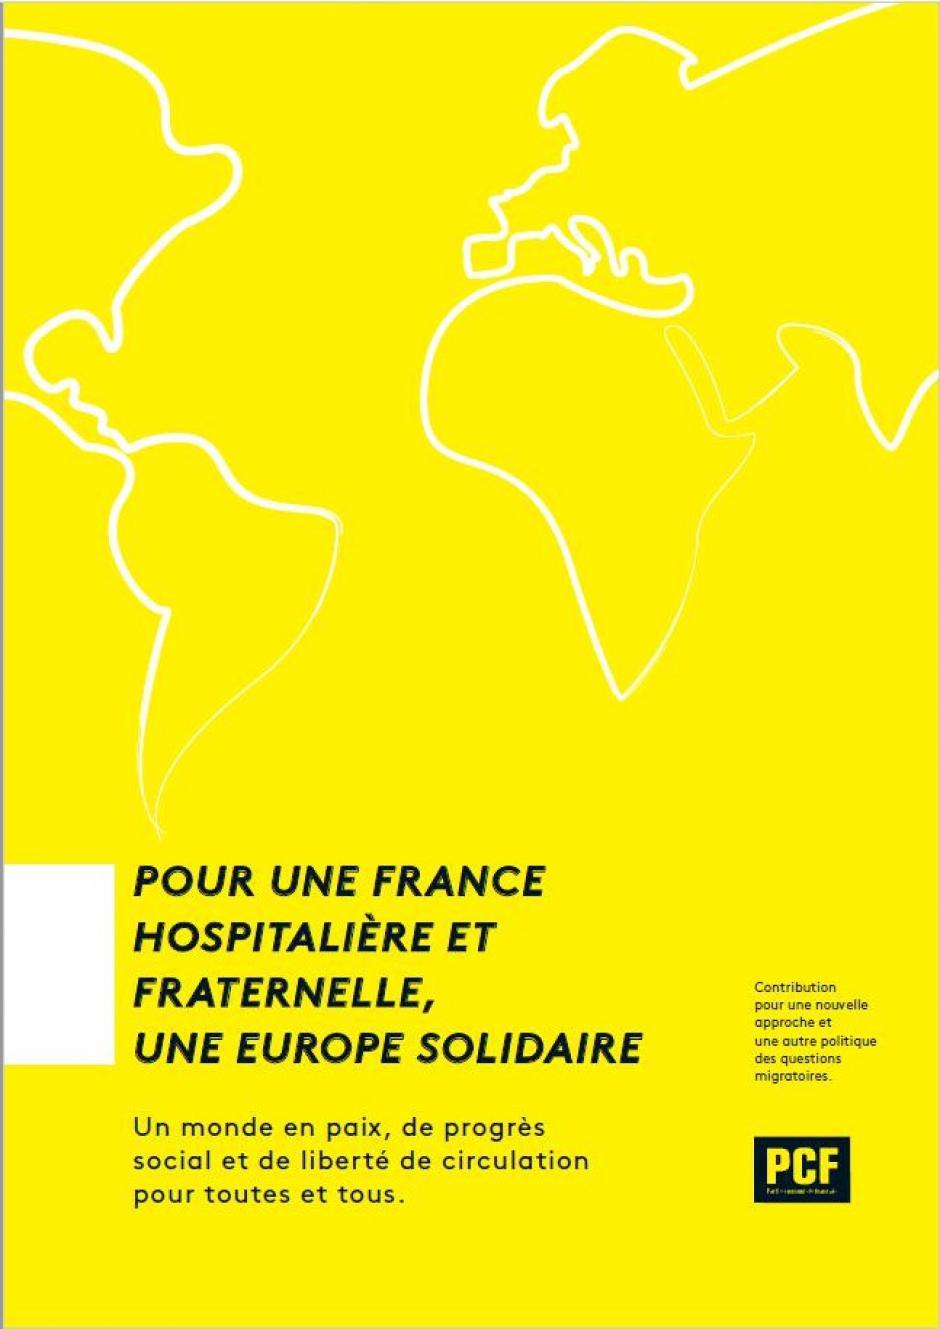 Manifeste - Pour une France hospitalière et fraternelle, une Europe solidaire